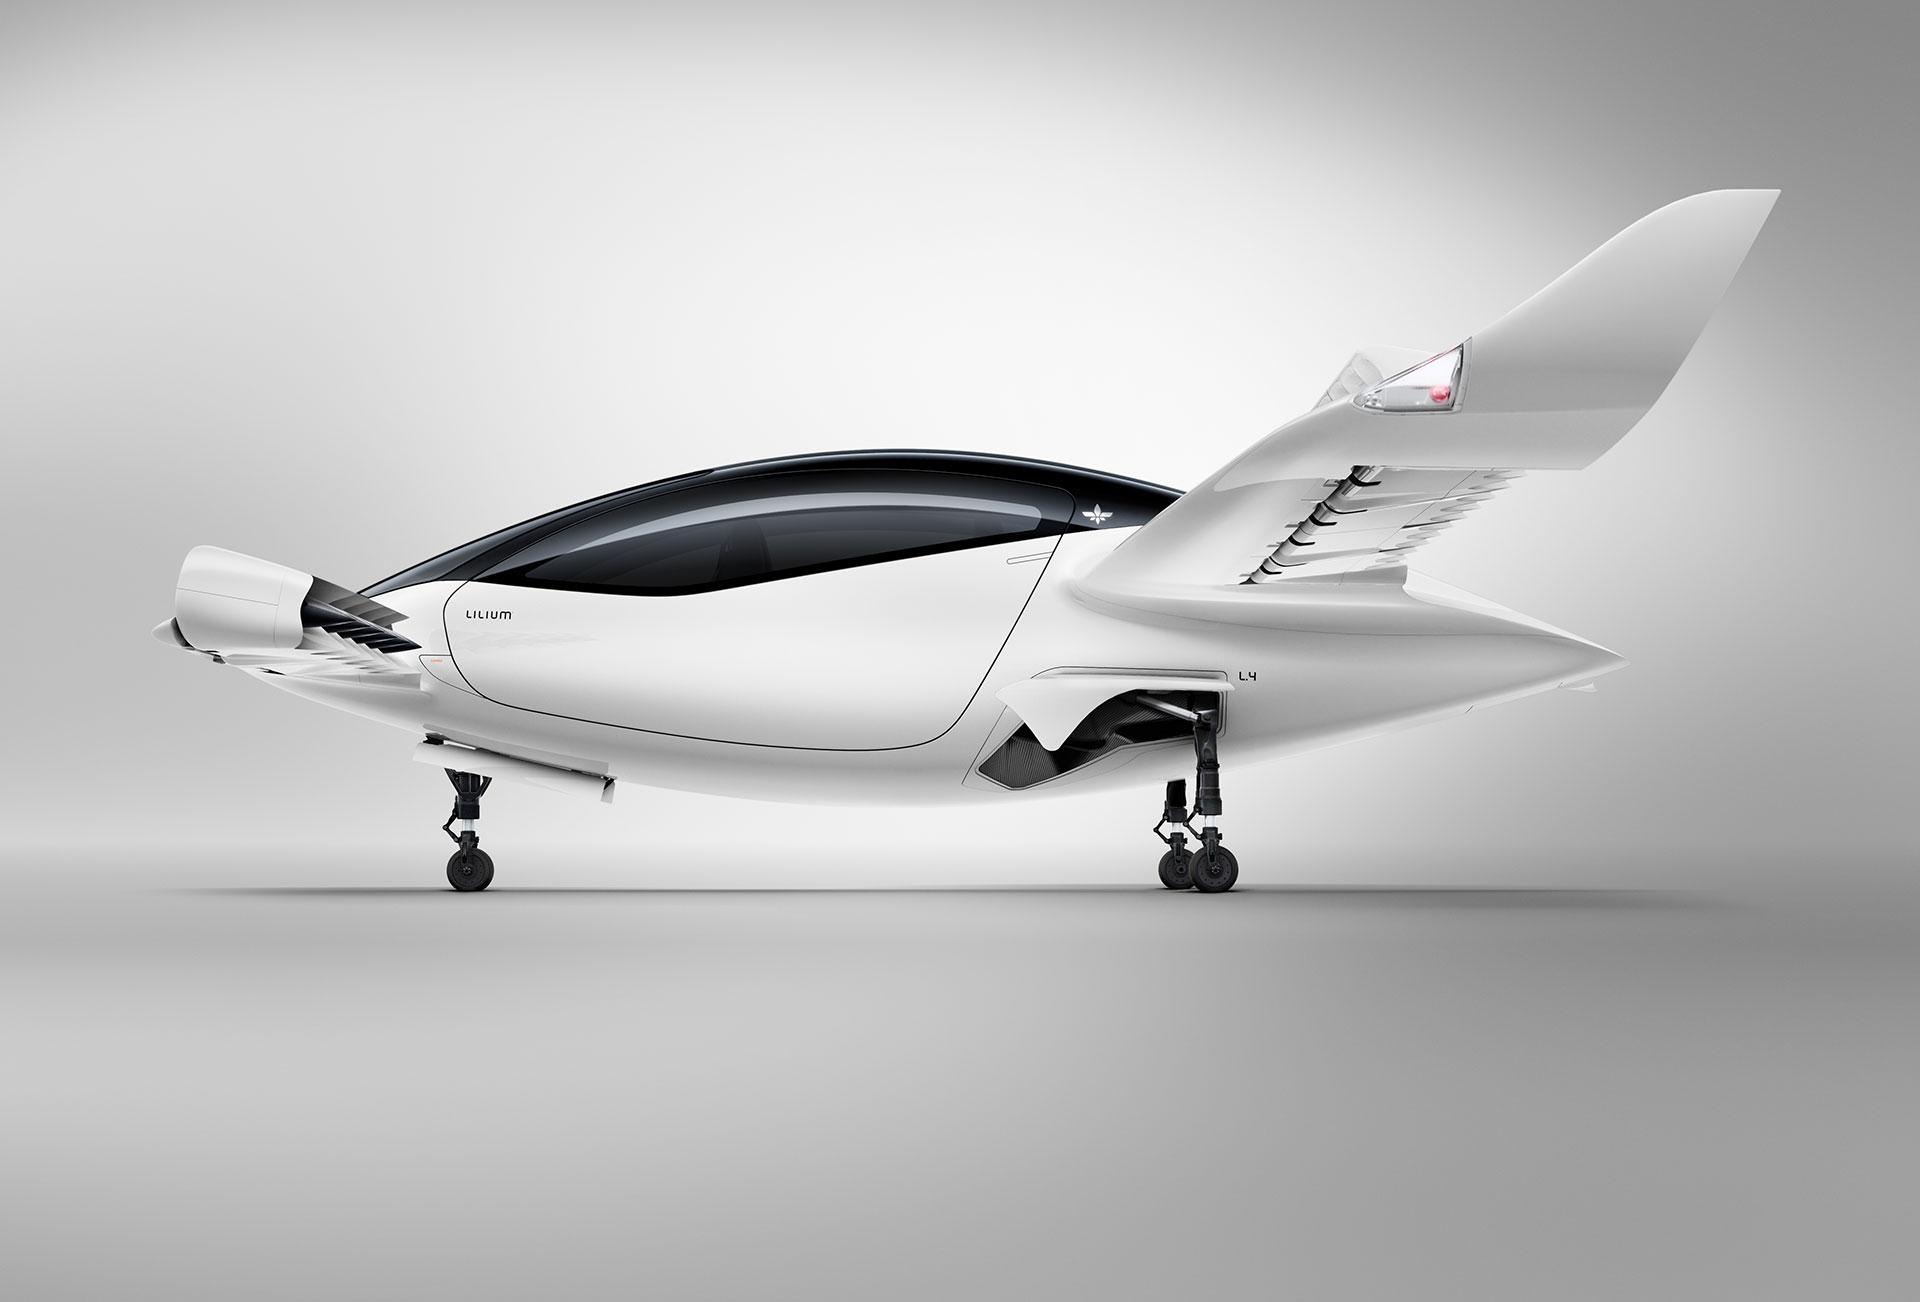 空中出租车制造商Lilium宣布与Qell Acquisition Corp.合并在纳斯达克上市,估值33亿美金